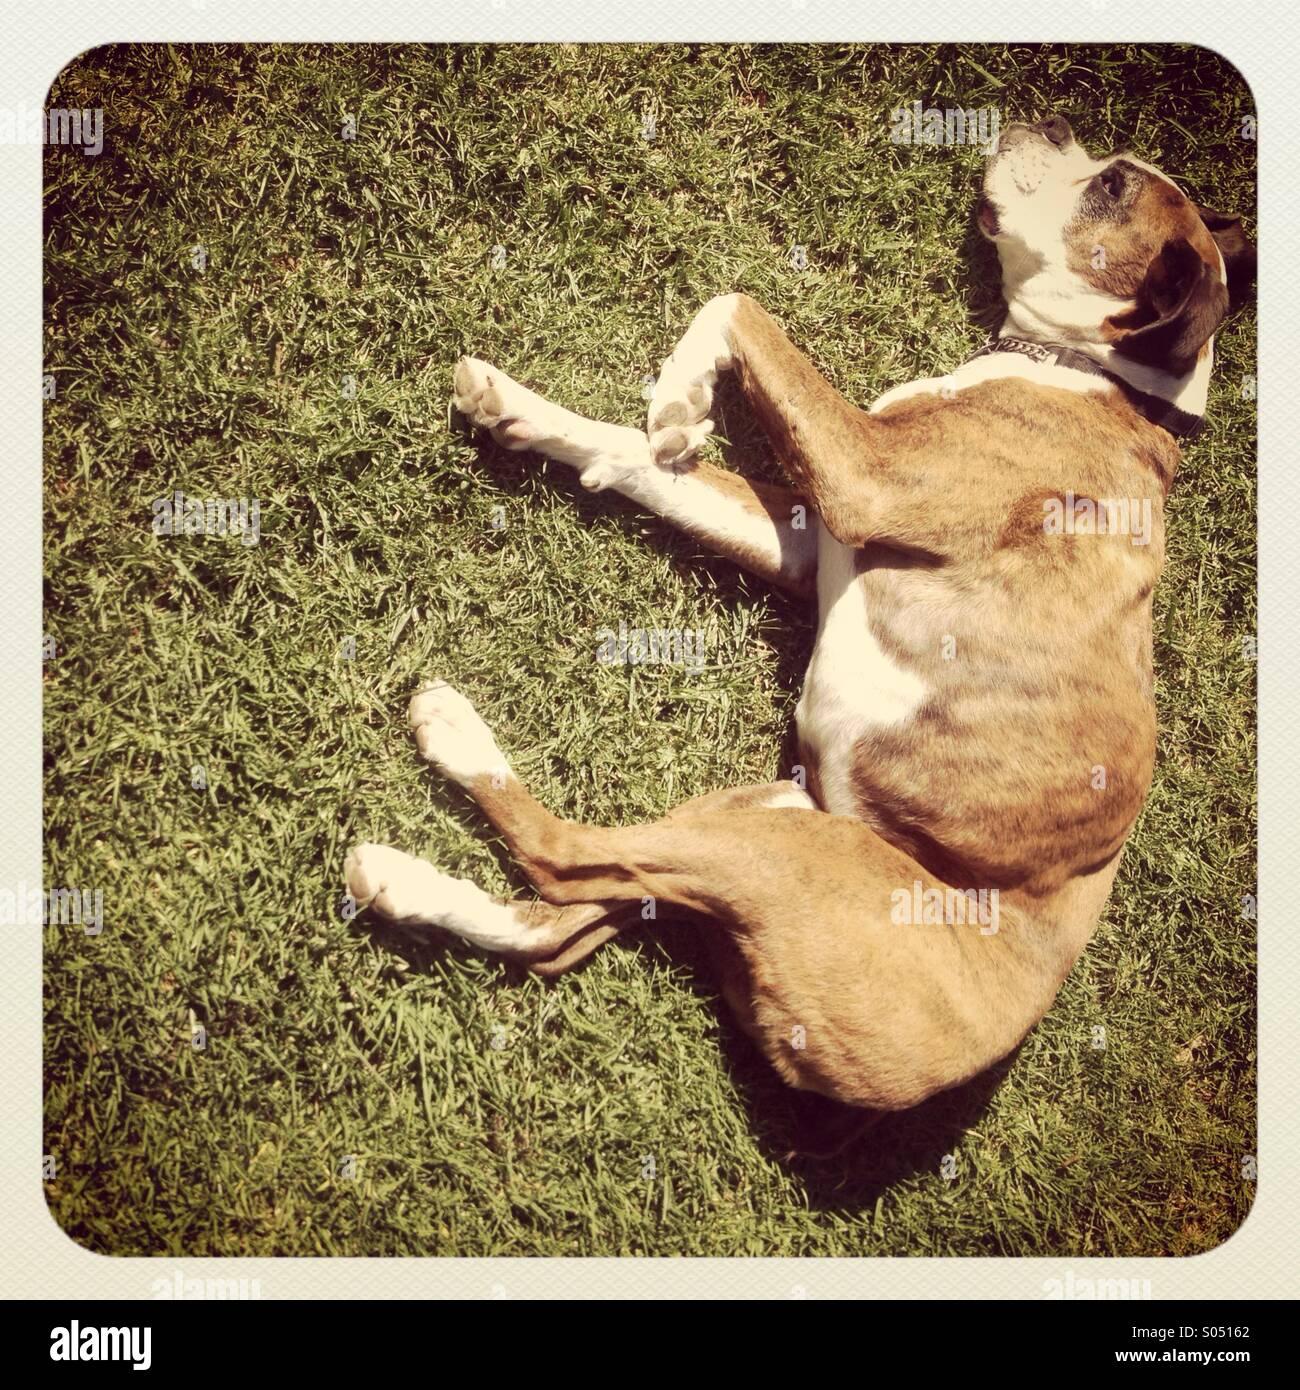 Boxer Dog - Stock Image